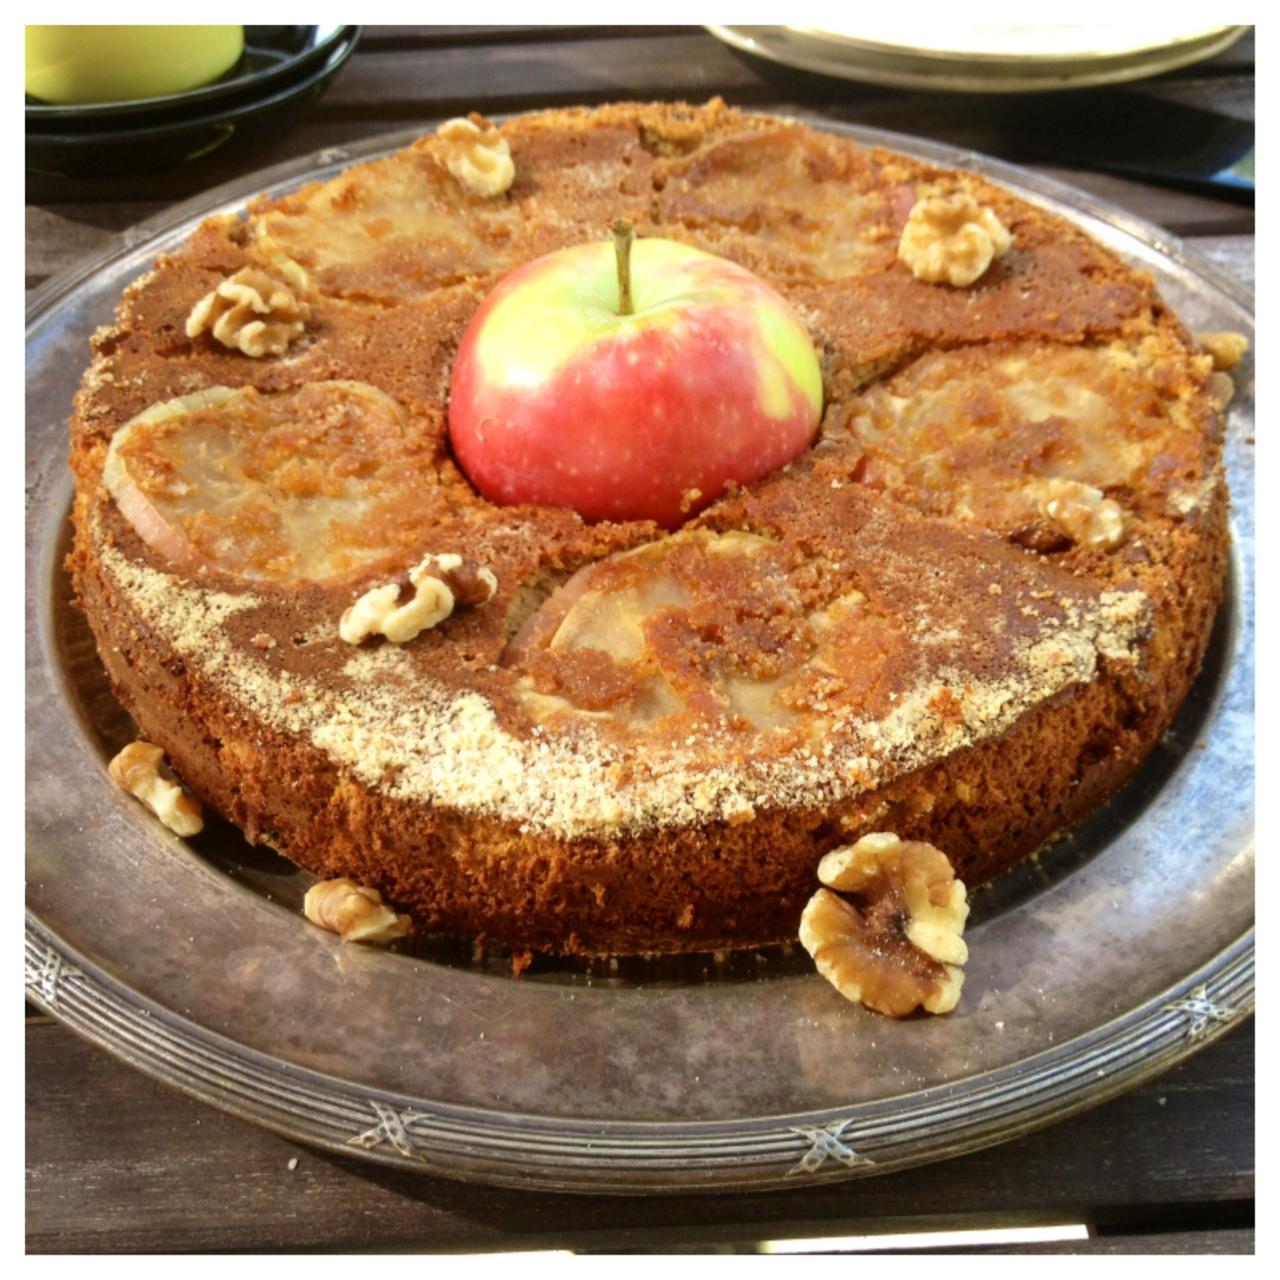 äppelkaka utan gluten